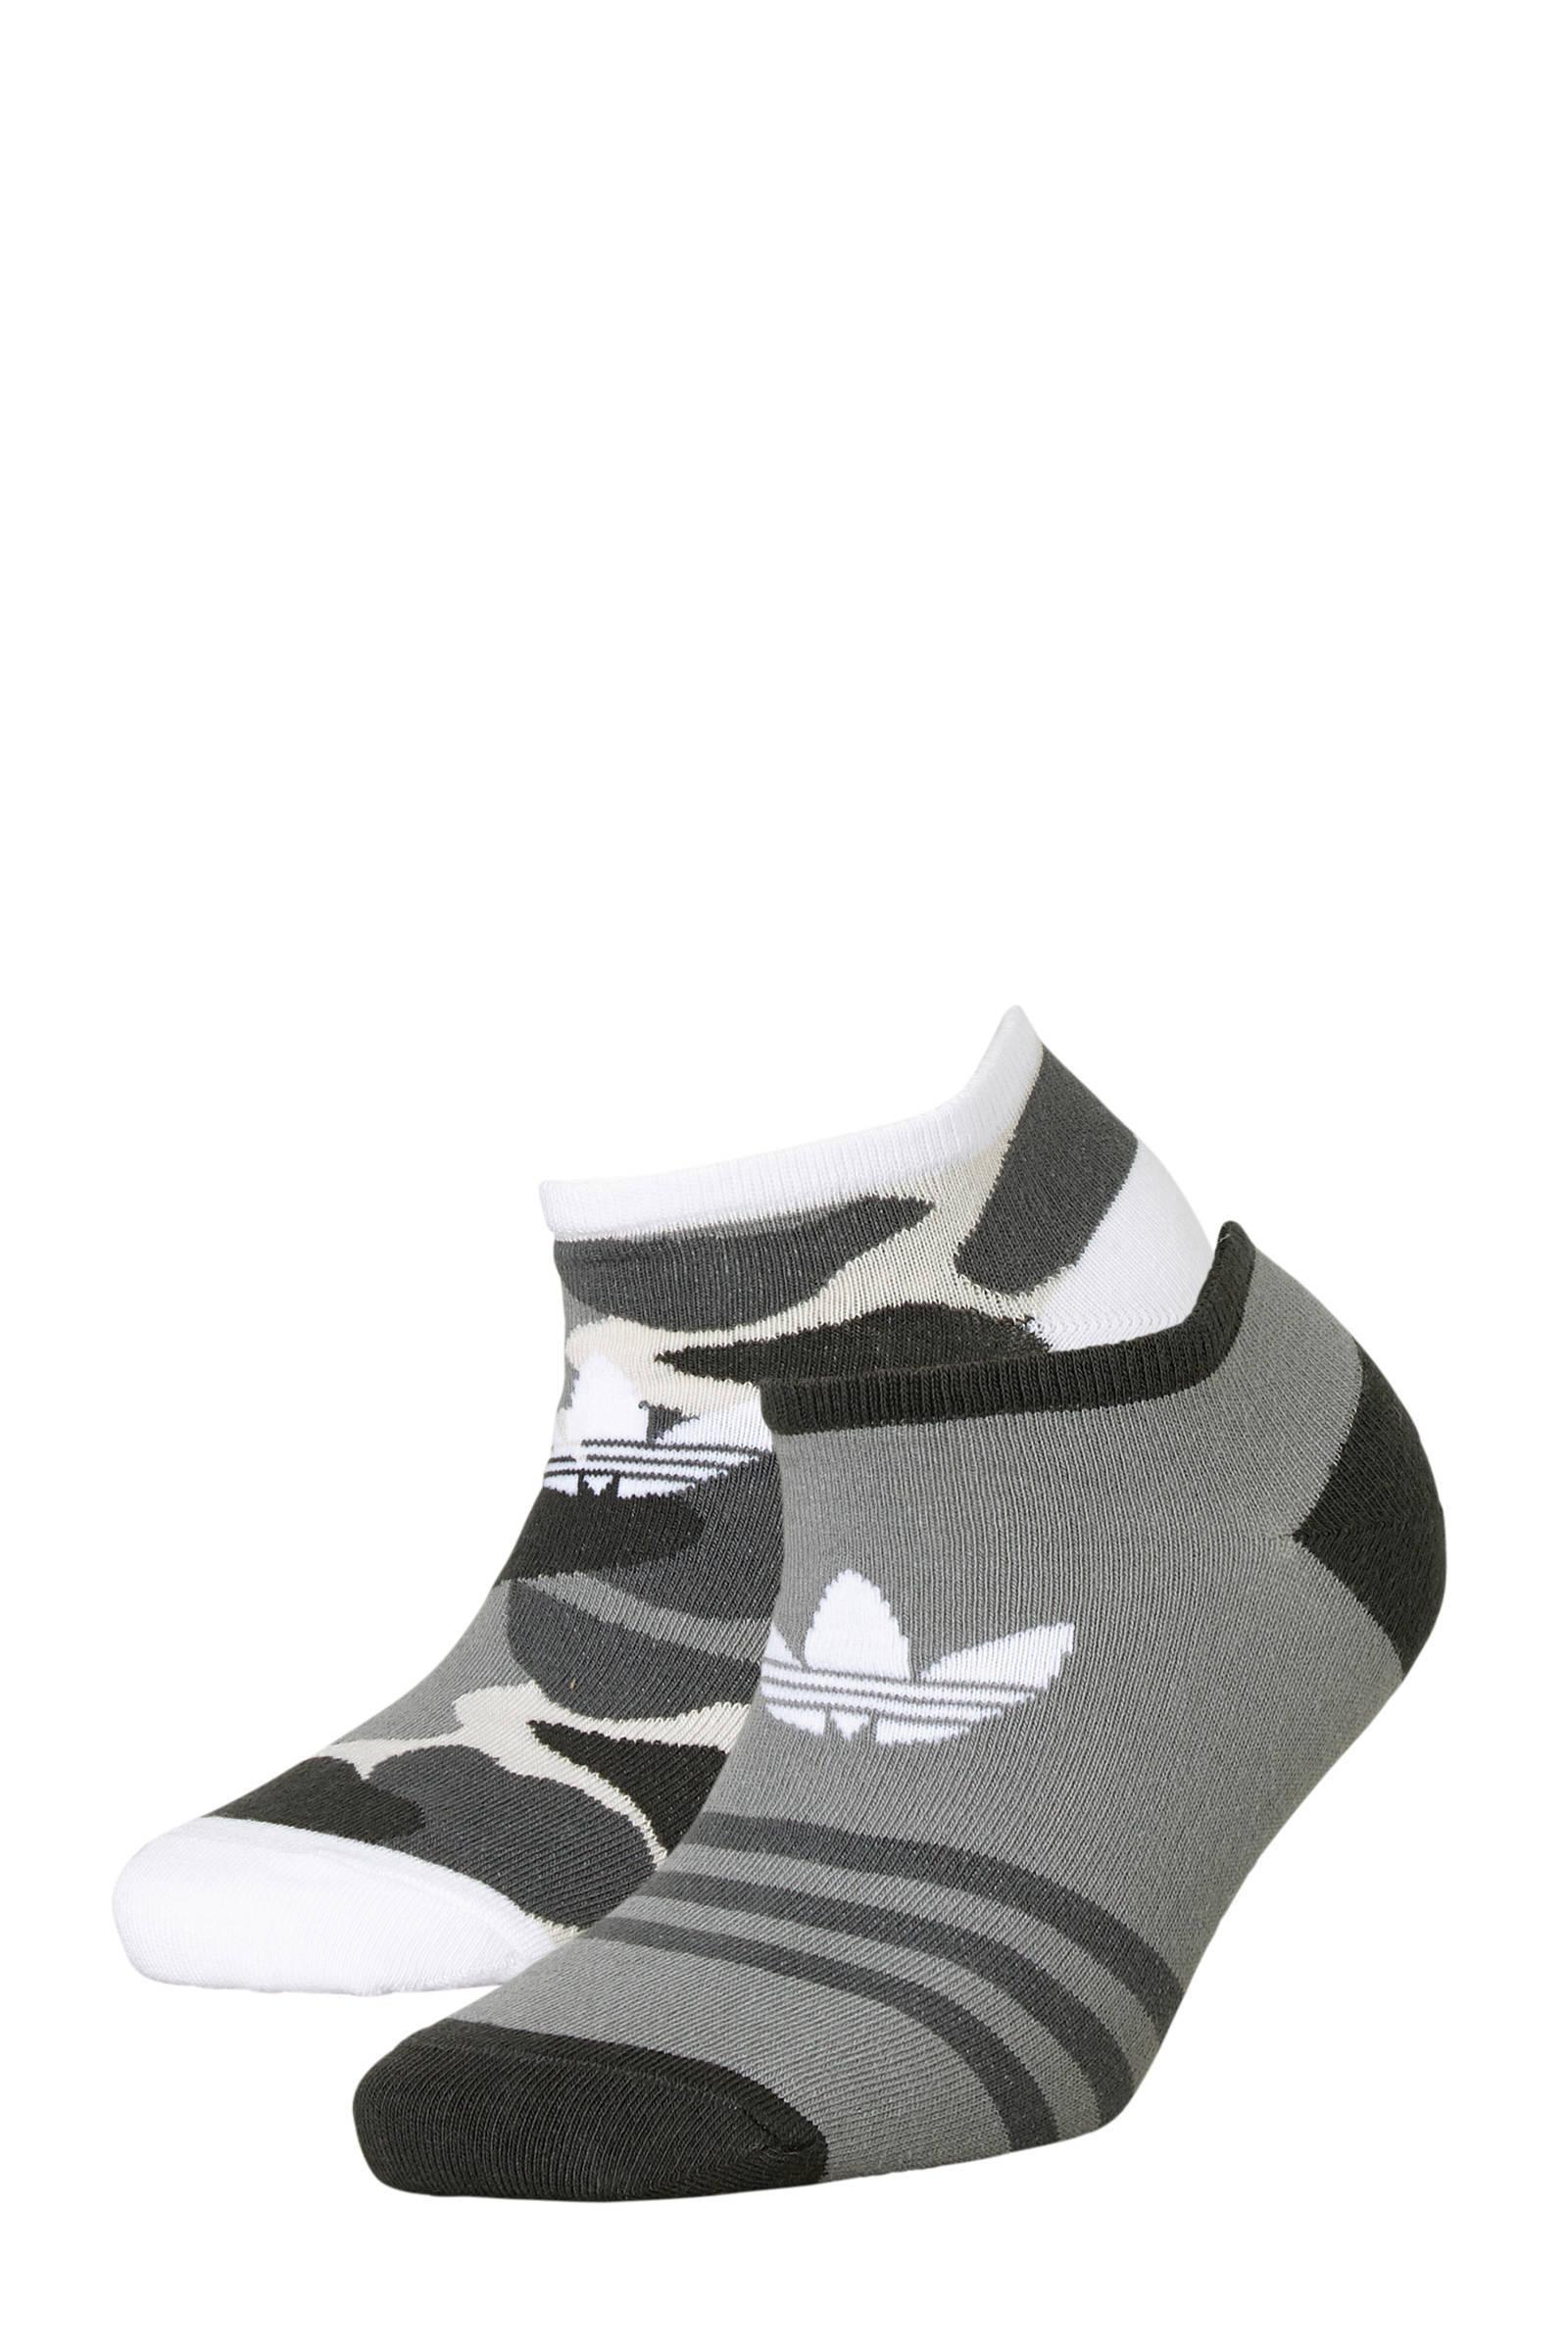 adidas originals sneakersokken set van 2 | wehkamp